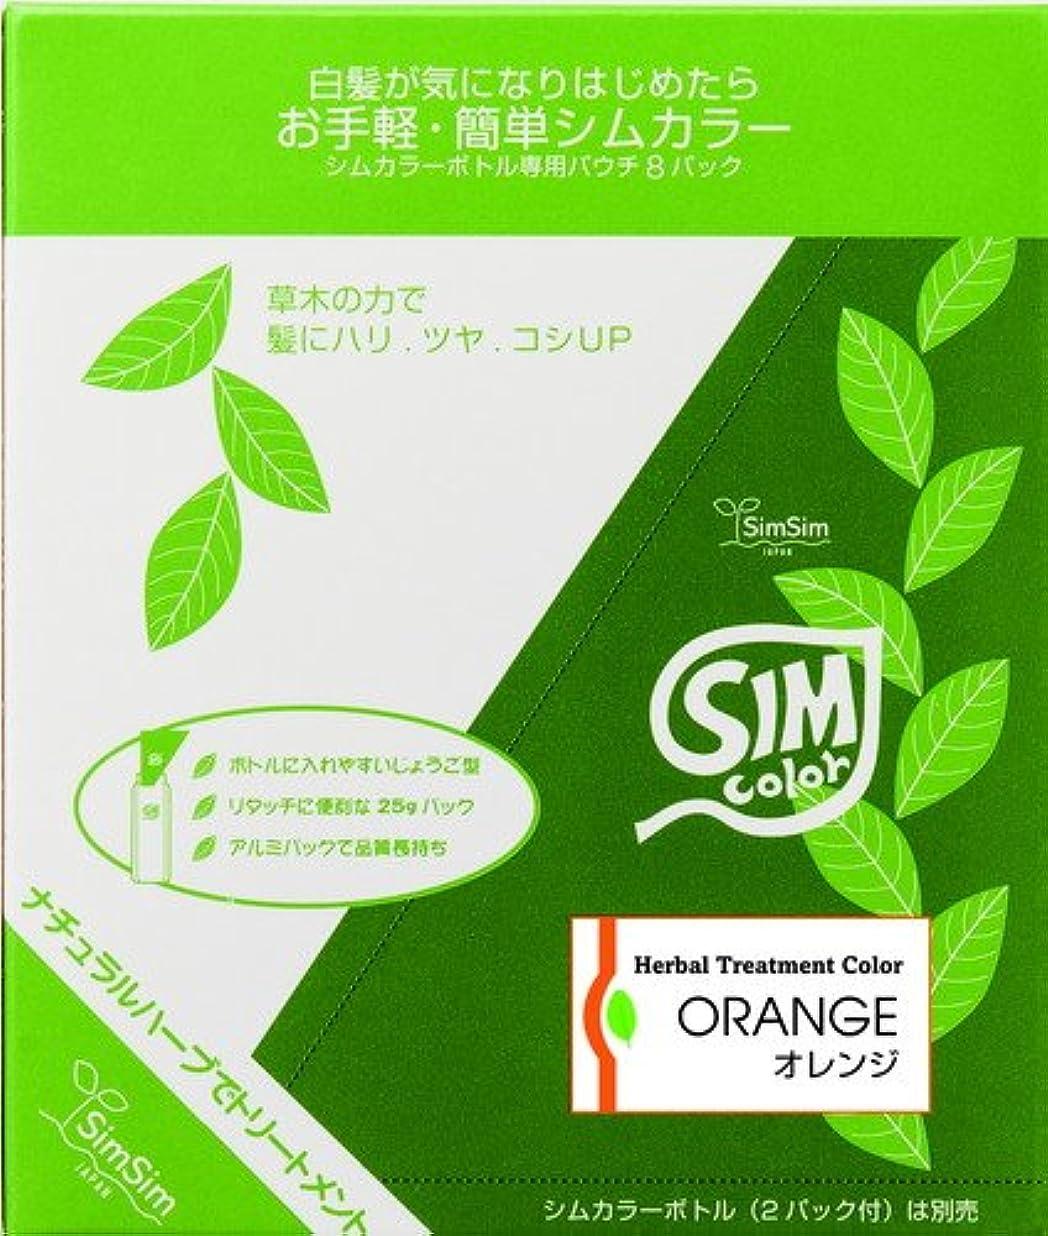 アサートできない大騒ぎSimSim(シムシム)お手軽簡単シムカラーエクストラ(EX)25g 8袋 オレンジ